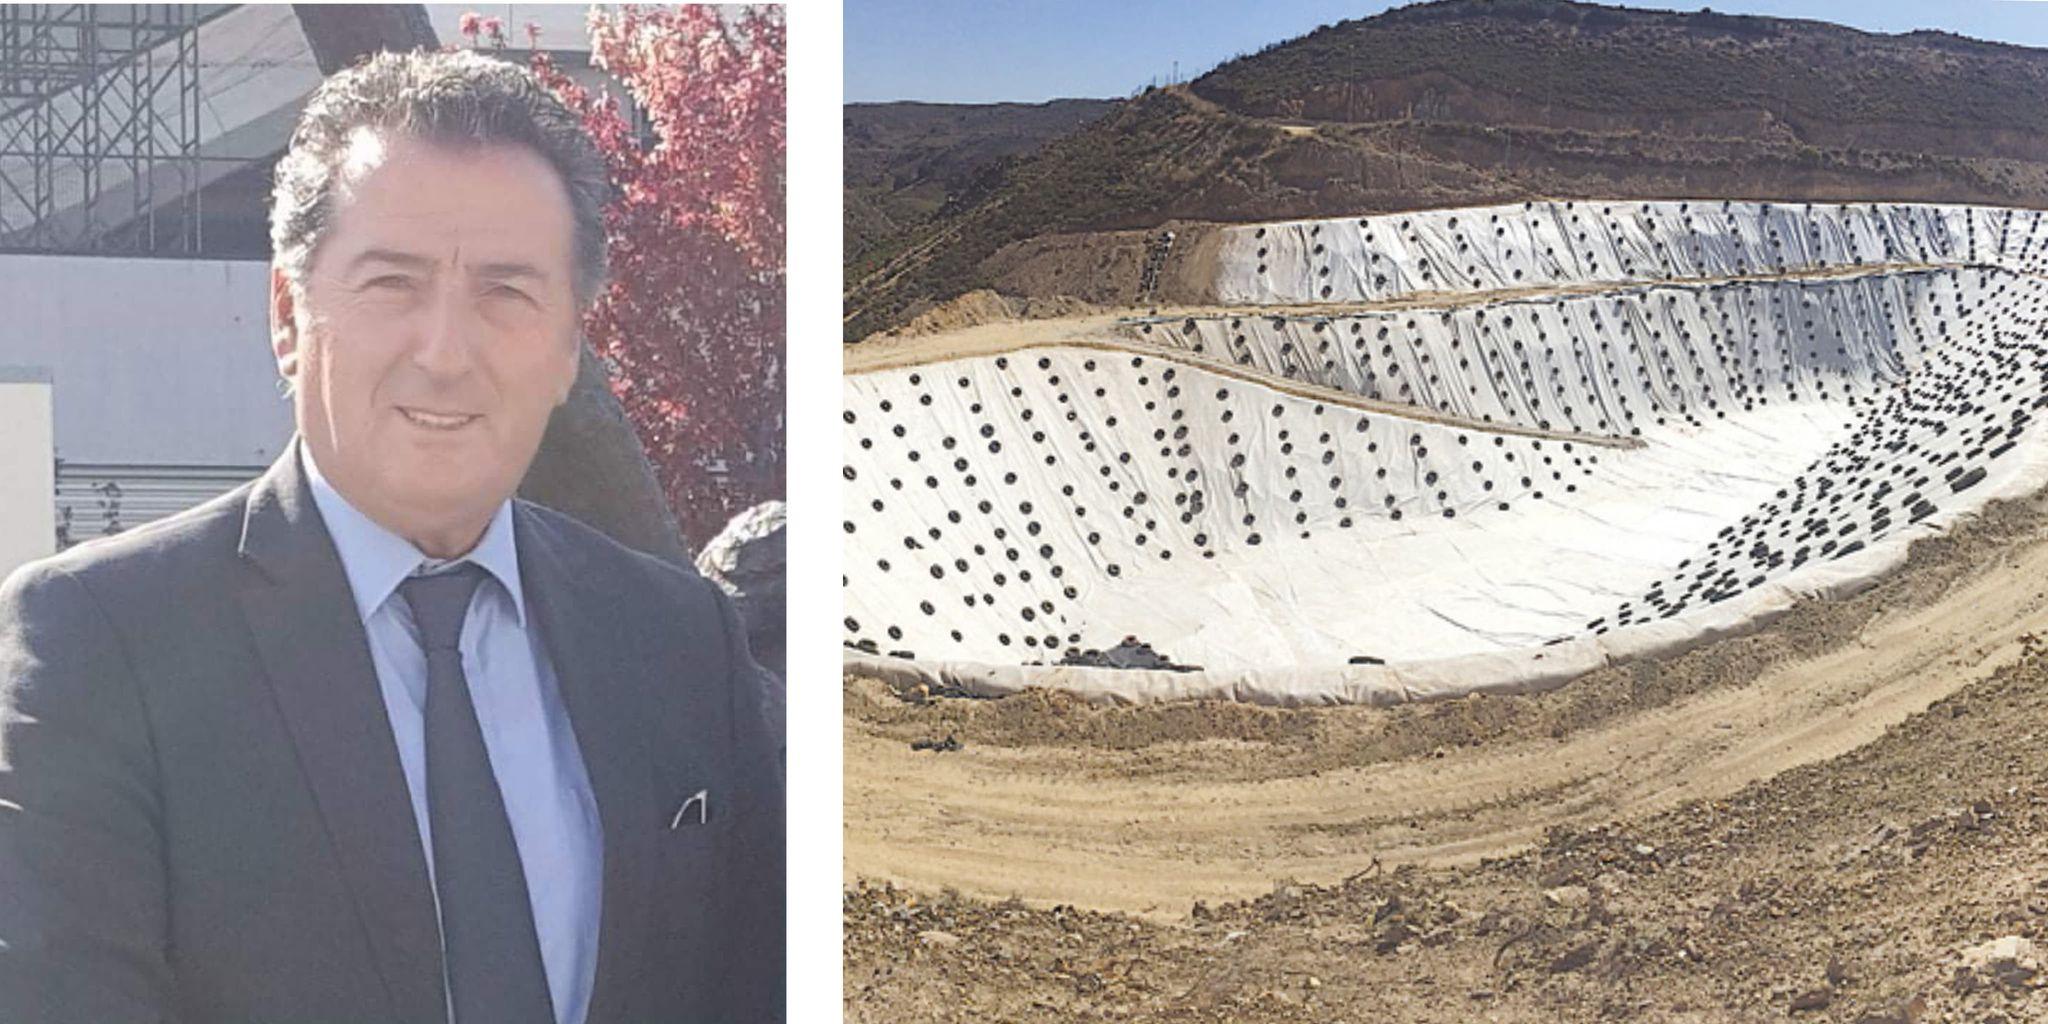 Θεοδόσης Σουσούδης: Γιατί ο Δήμαρχος κωλυσιεργεί στο έργο του ΧΥΤΥ Άνδρου;